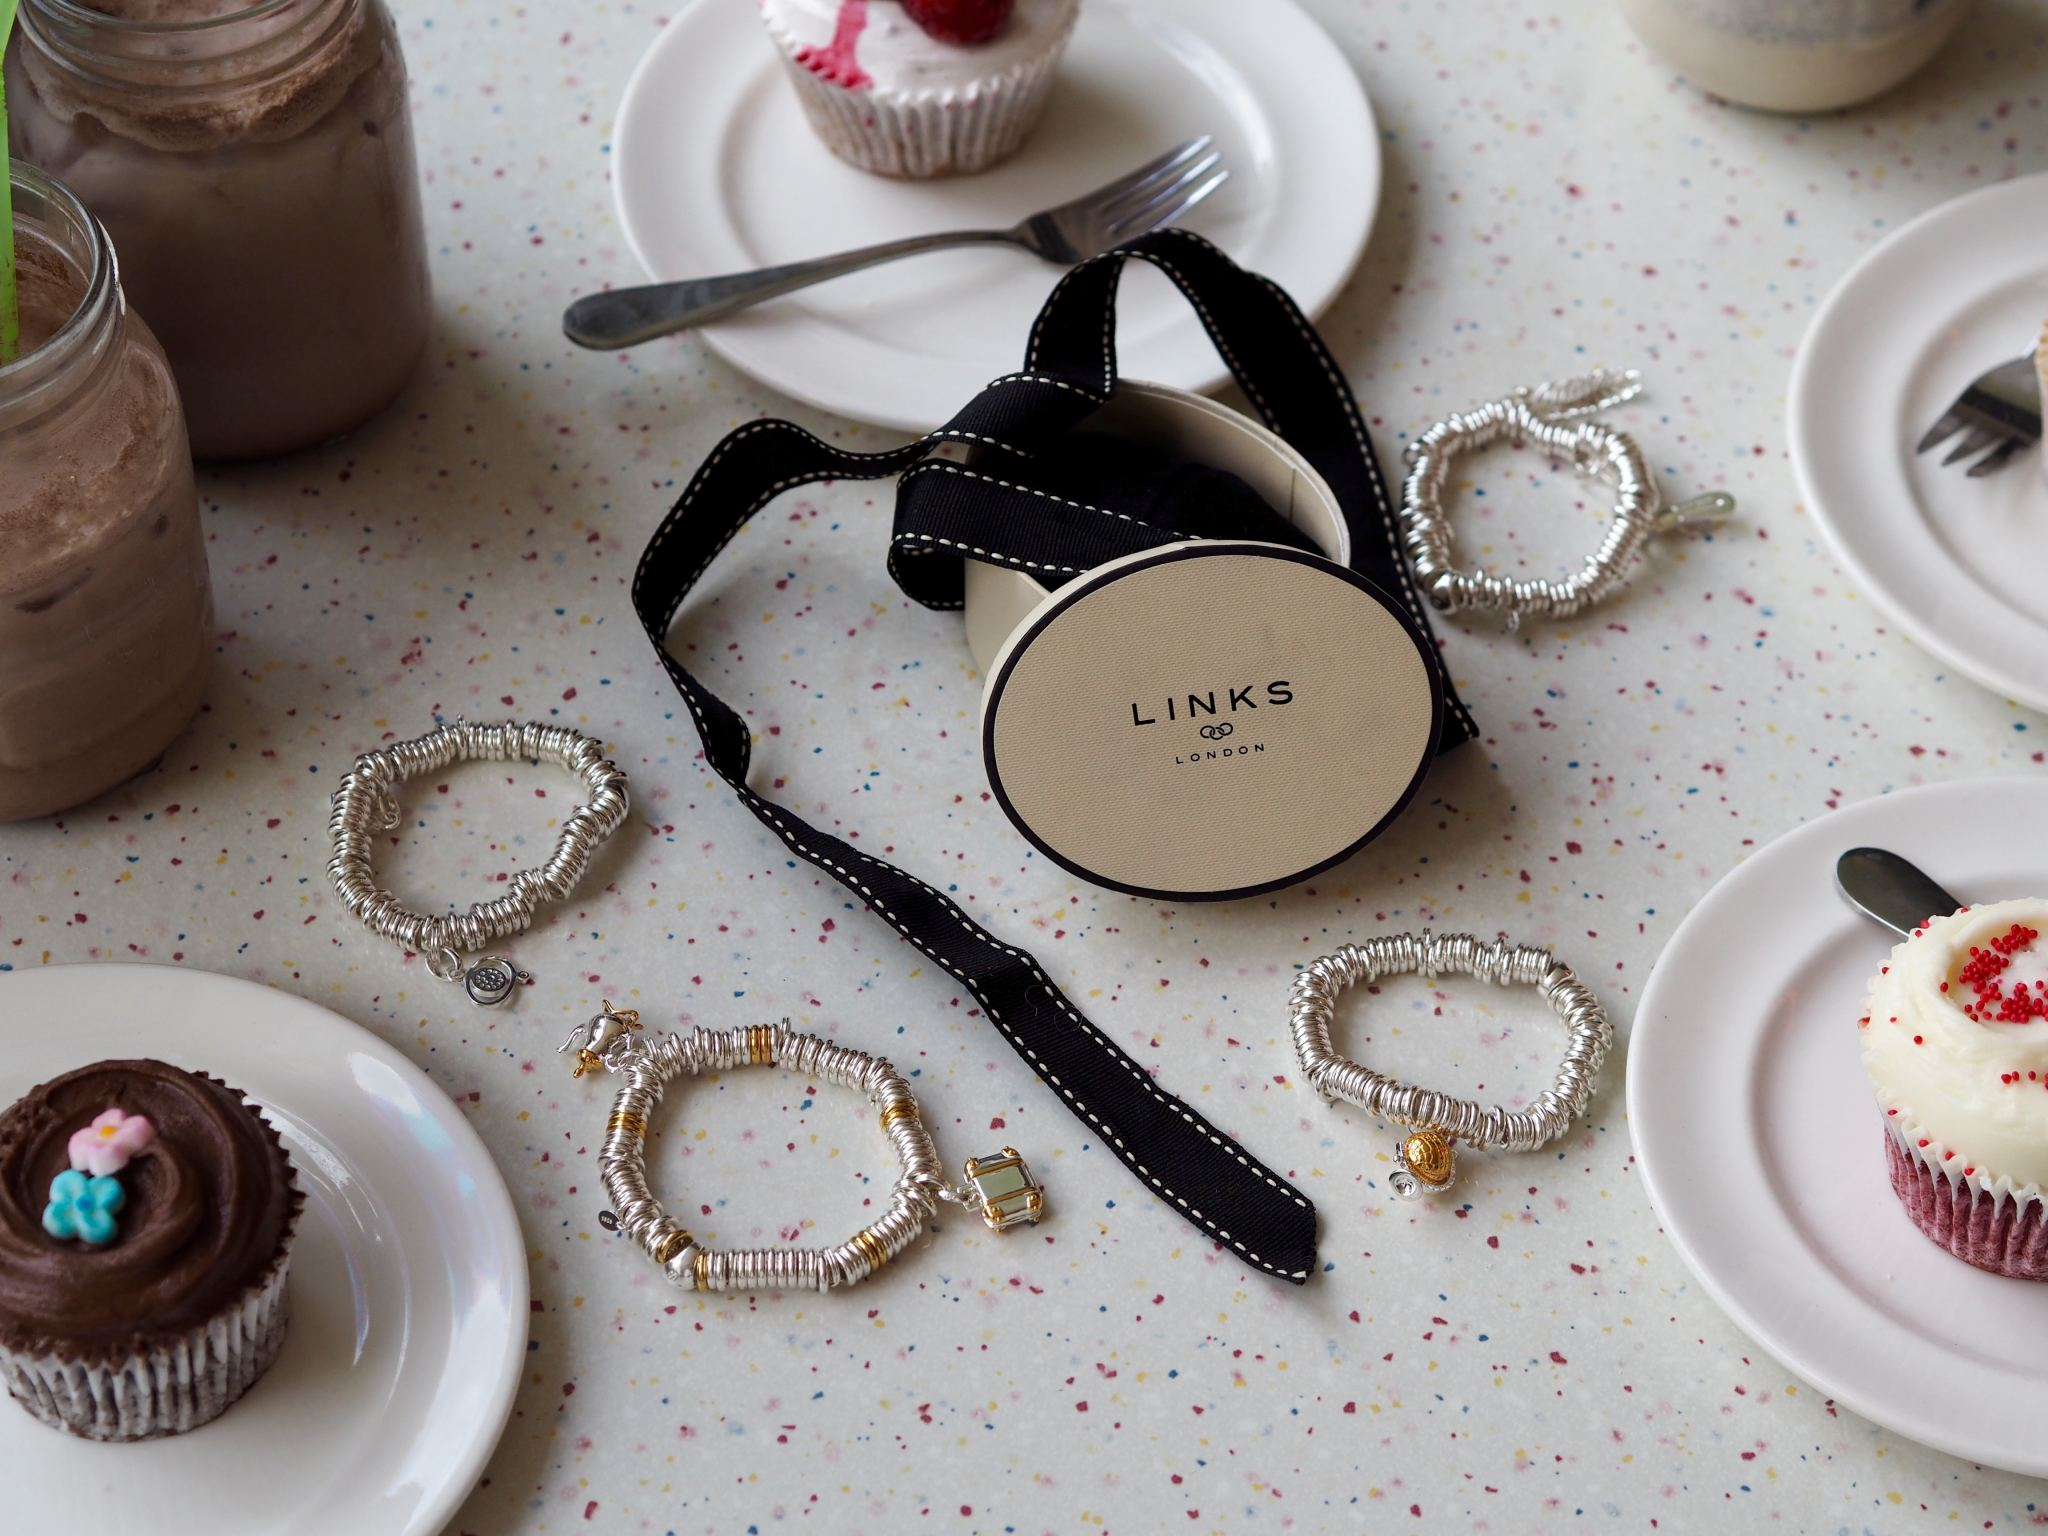 Links of London sweetie bracelets table